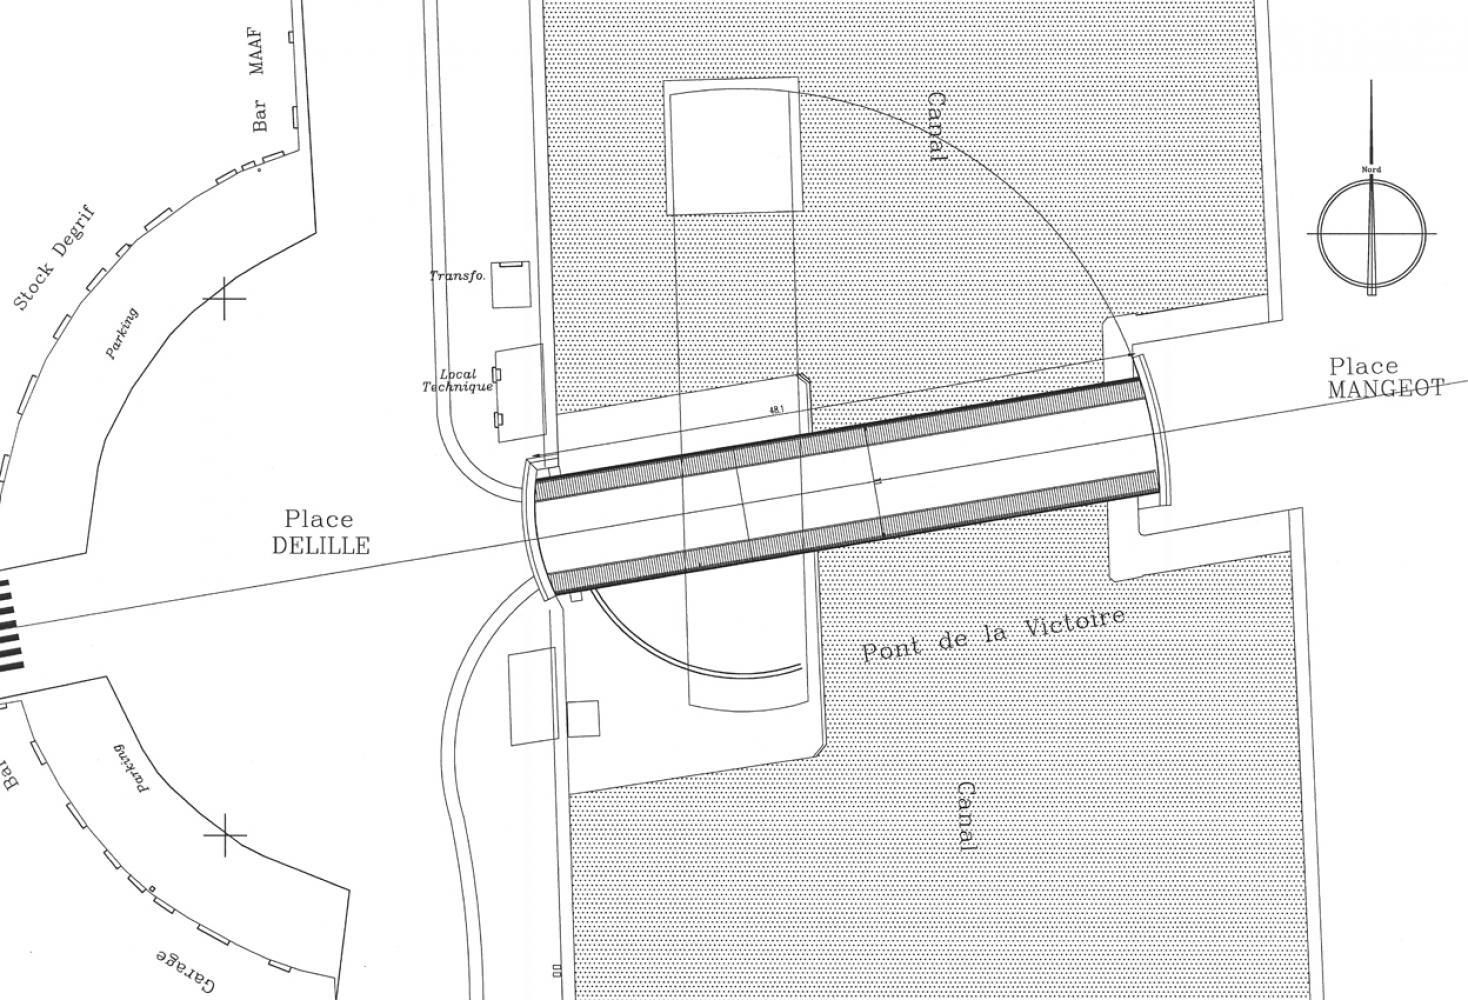 sete---04 Pascale SEURIN Architecte - Divers